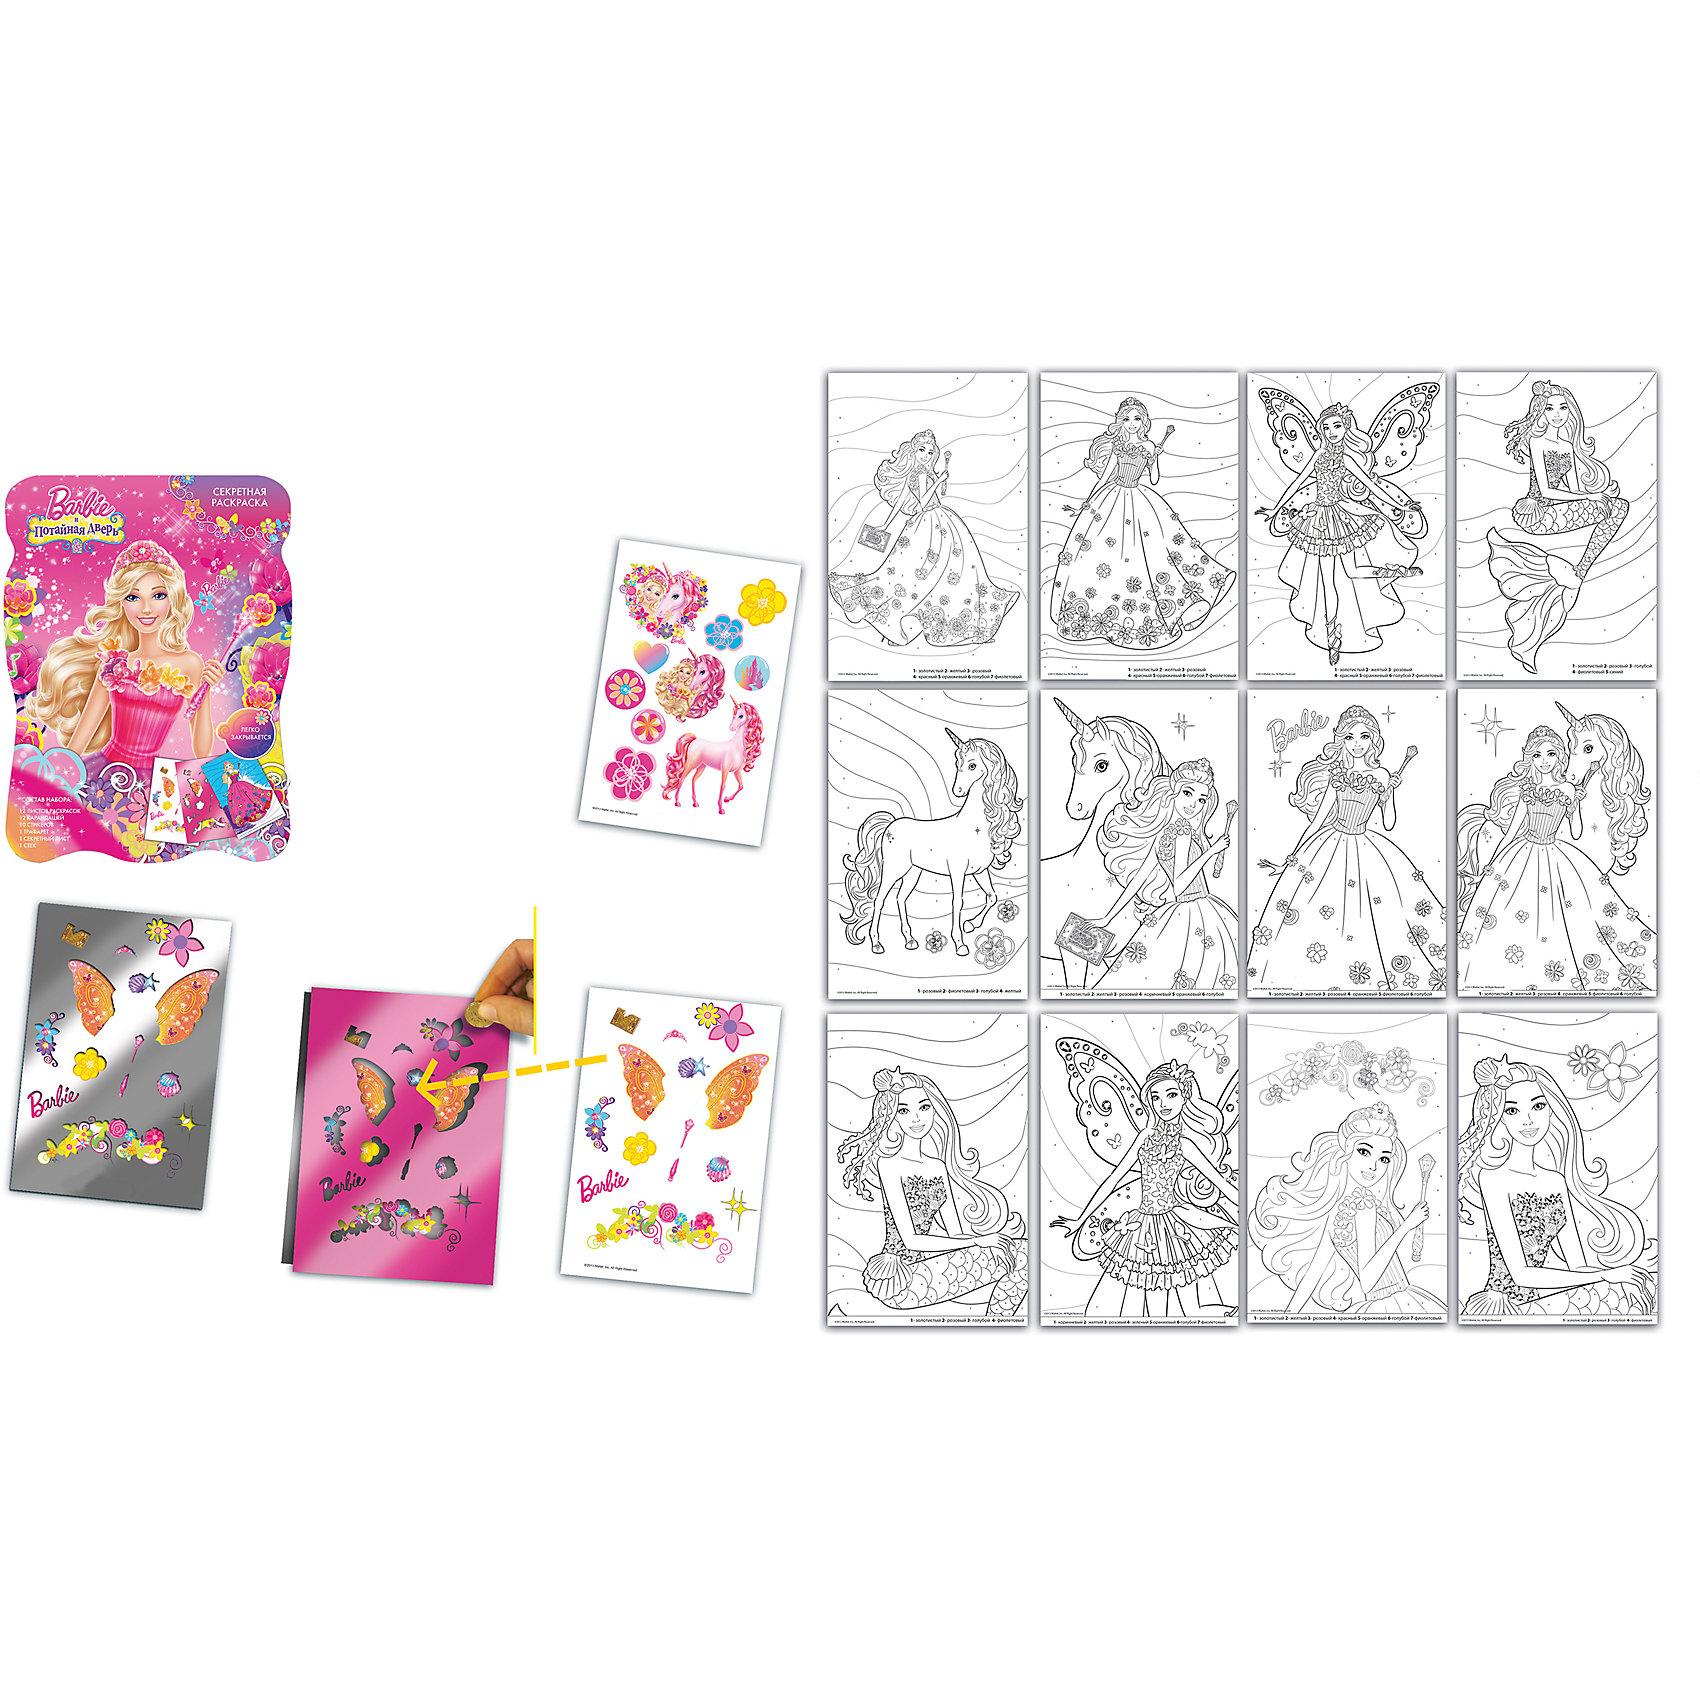 Набор для творчества Секретная раскраска, BarbieСекретная раскраска, Barbie (Барби) – этот набор для творчества порадует поклонниц Барби.<br>Набор для рисования с секретными наклейками. Необходимо выполнить задание на странице с раскраской, чтобы появилась фигура, найти фигуру на трафарете и приложить трафарет к секретному листу, снять защитный слой под найденной фигурой с помощью трафарета и стека и приклеить недостающий элемент на лист раскраски.<br><br>Дополнительная информация:<br><br>- В наборе: 12 листов раскрасок, 6 карандашей, 10 стикеров, трафарет, секретный лист, стек<br><br>Секретная раскраска, Barbie (Барби) можно купить в нашем интернет-магазине.<br><br>Ширина мм: 500<br>Глубина мм: 350<br>Высота мм: 280<br>Вес г: 73<br>Возраст от месяцев: 60<br>Возраст до месяцев: 96<br>Пол: Женский<br>Возраст: Детский<br>SKU: 3986129